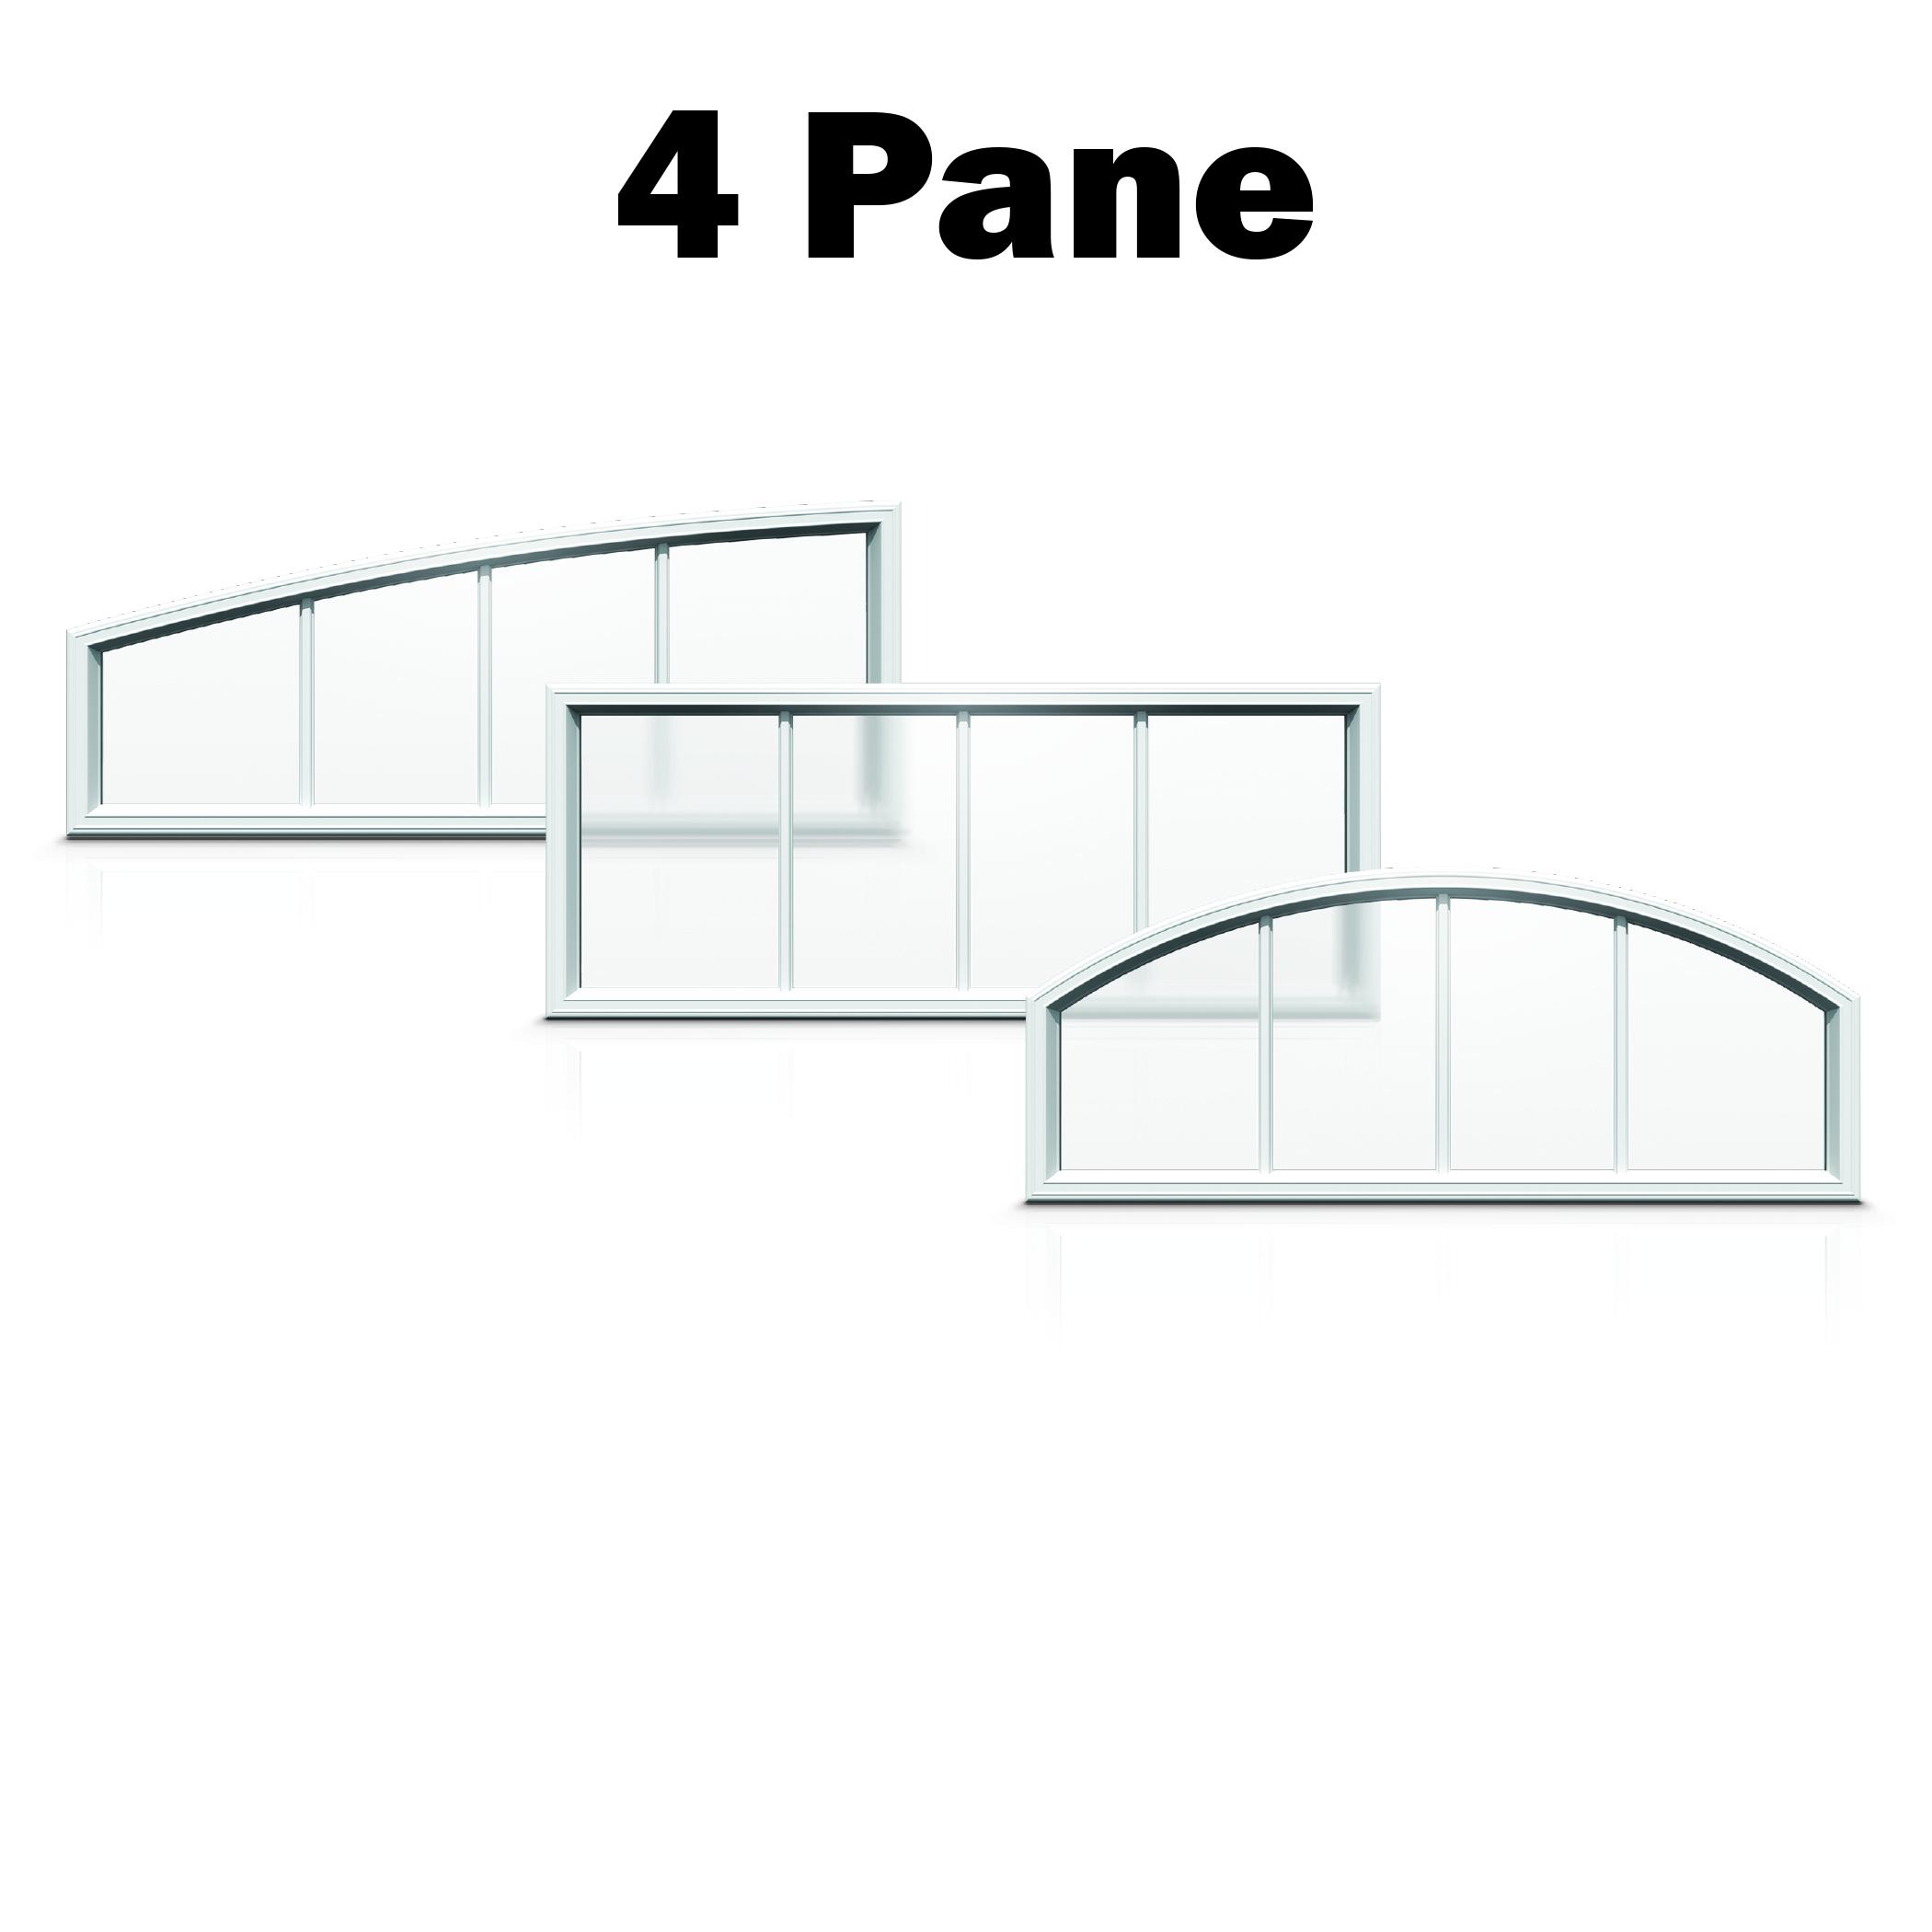 4 Pane - Briarcrest - Grandview.jpg